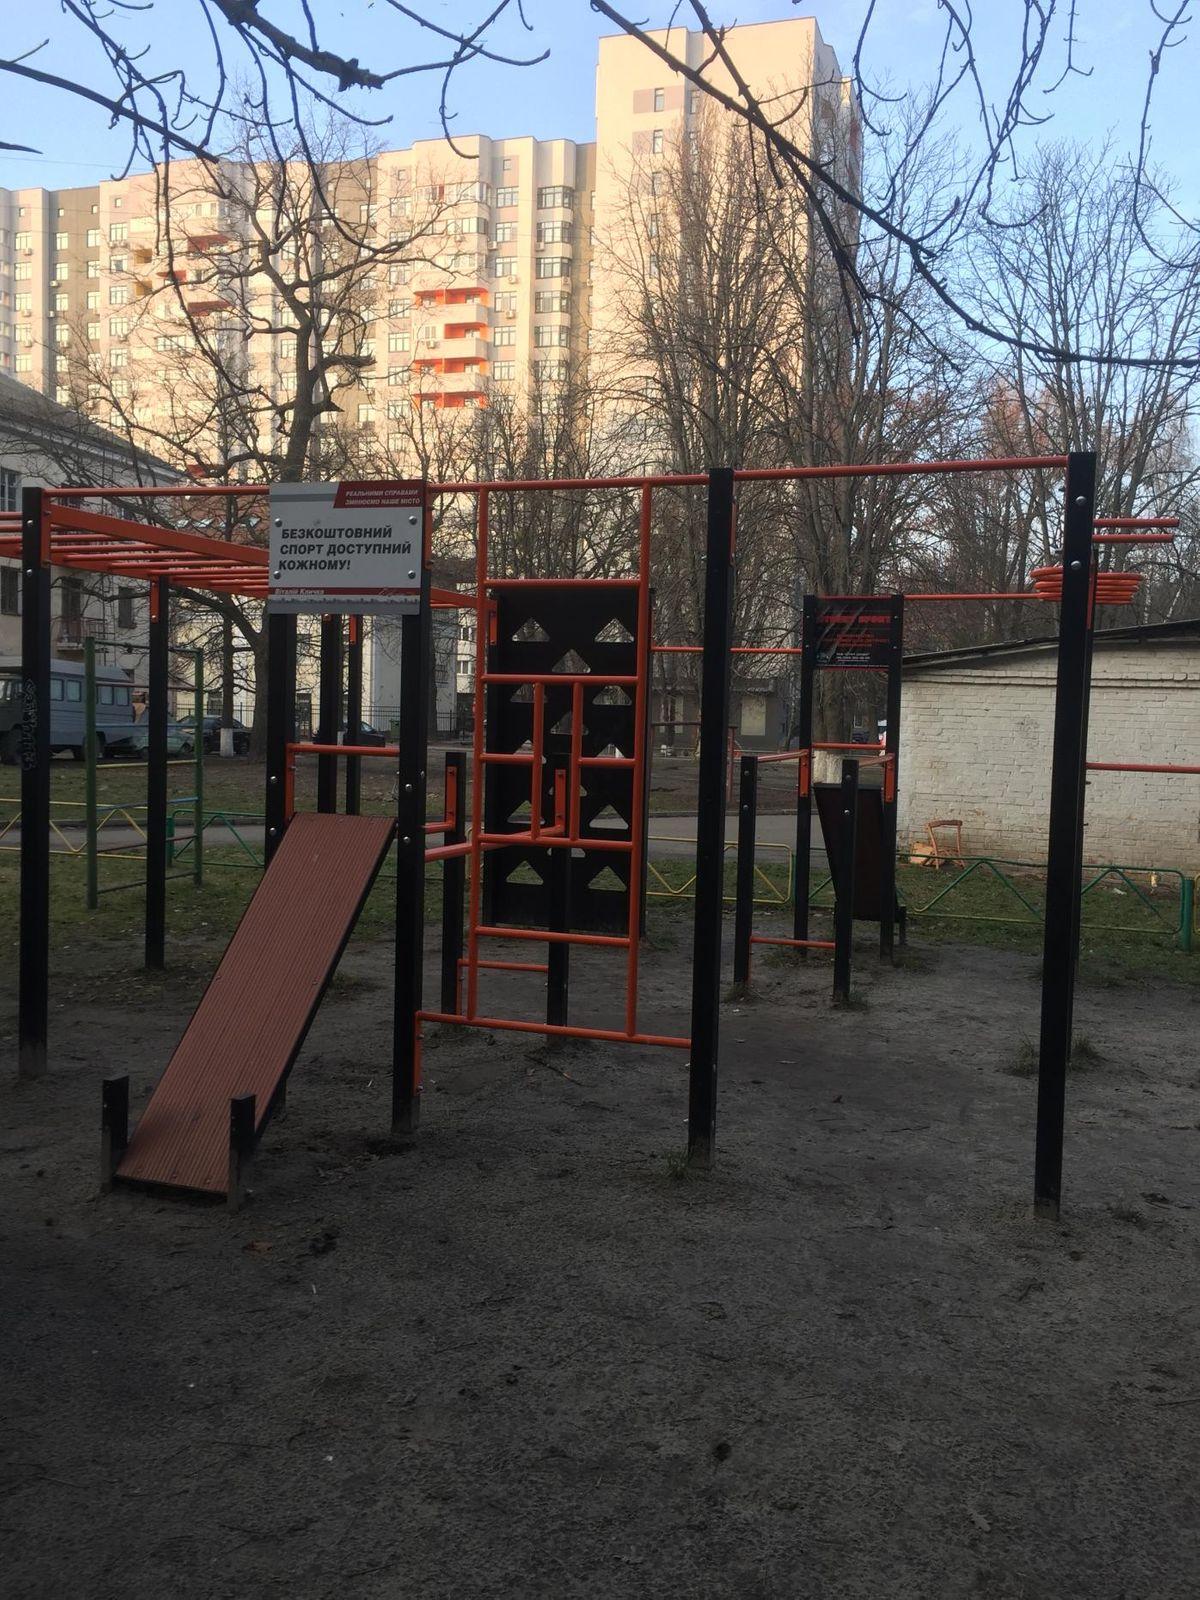 Kyiv - Fitness Park - DFM Coffee